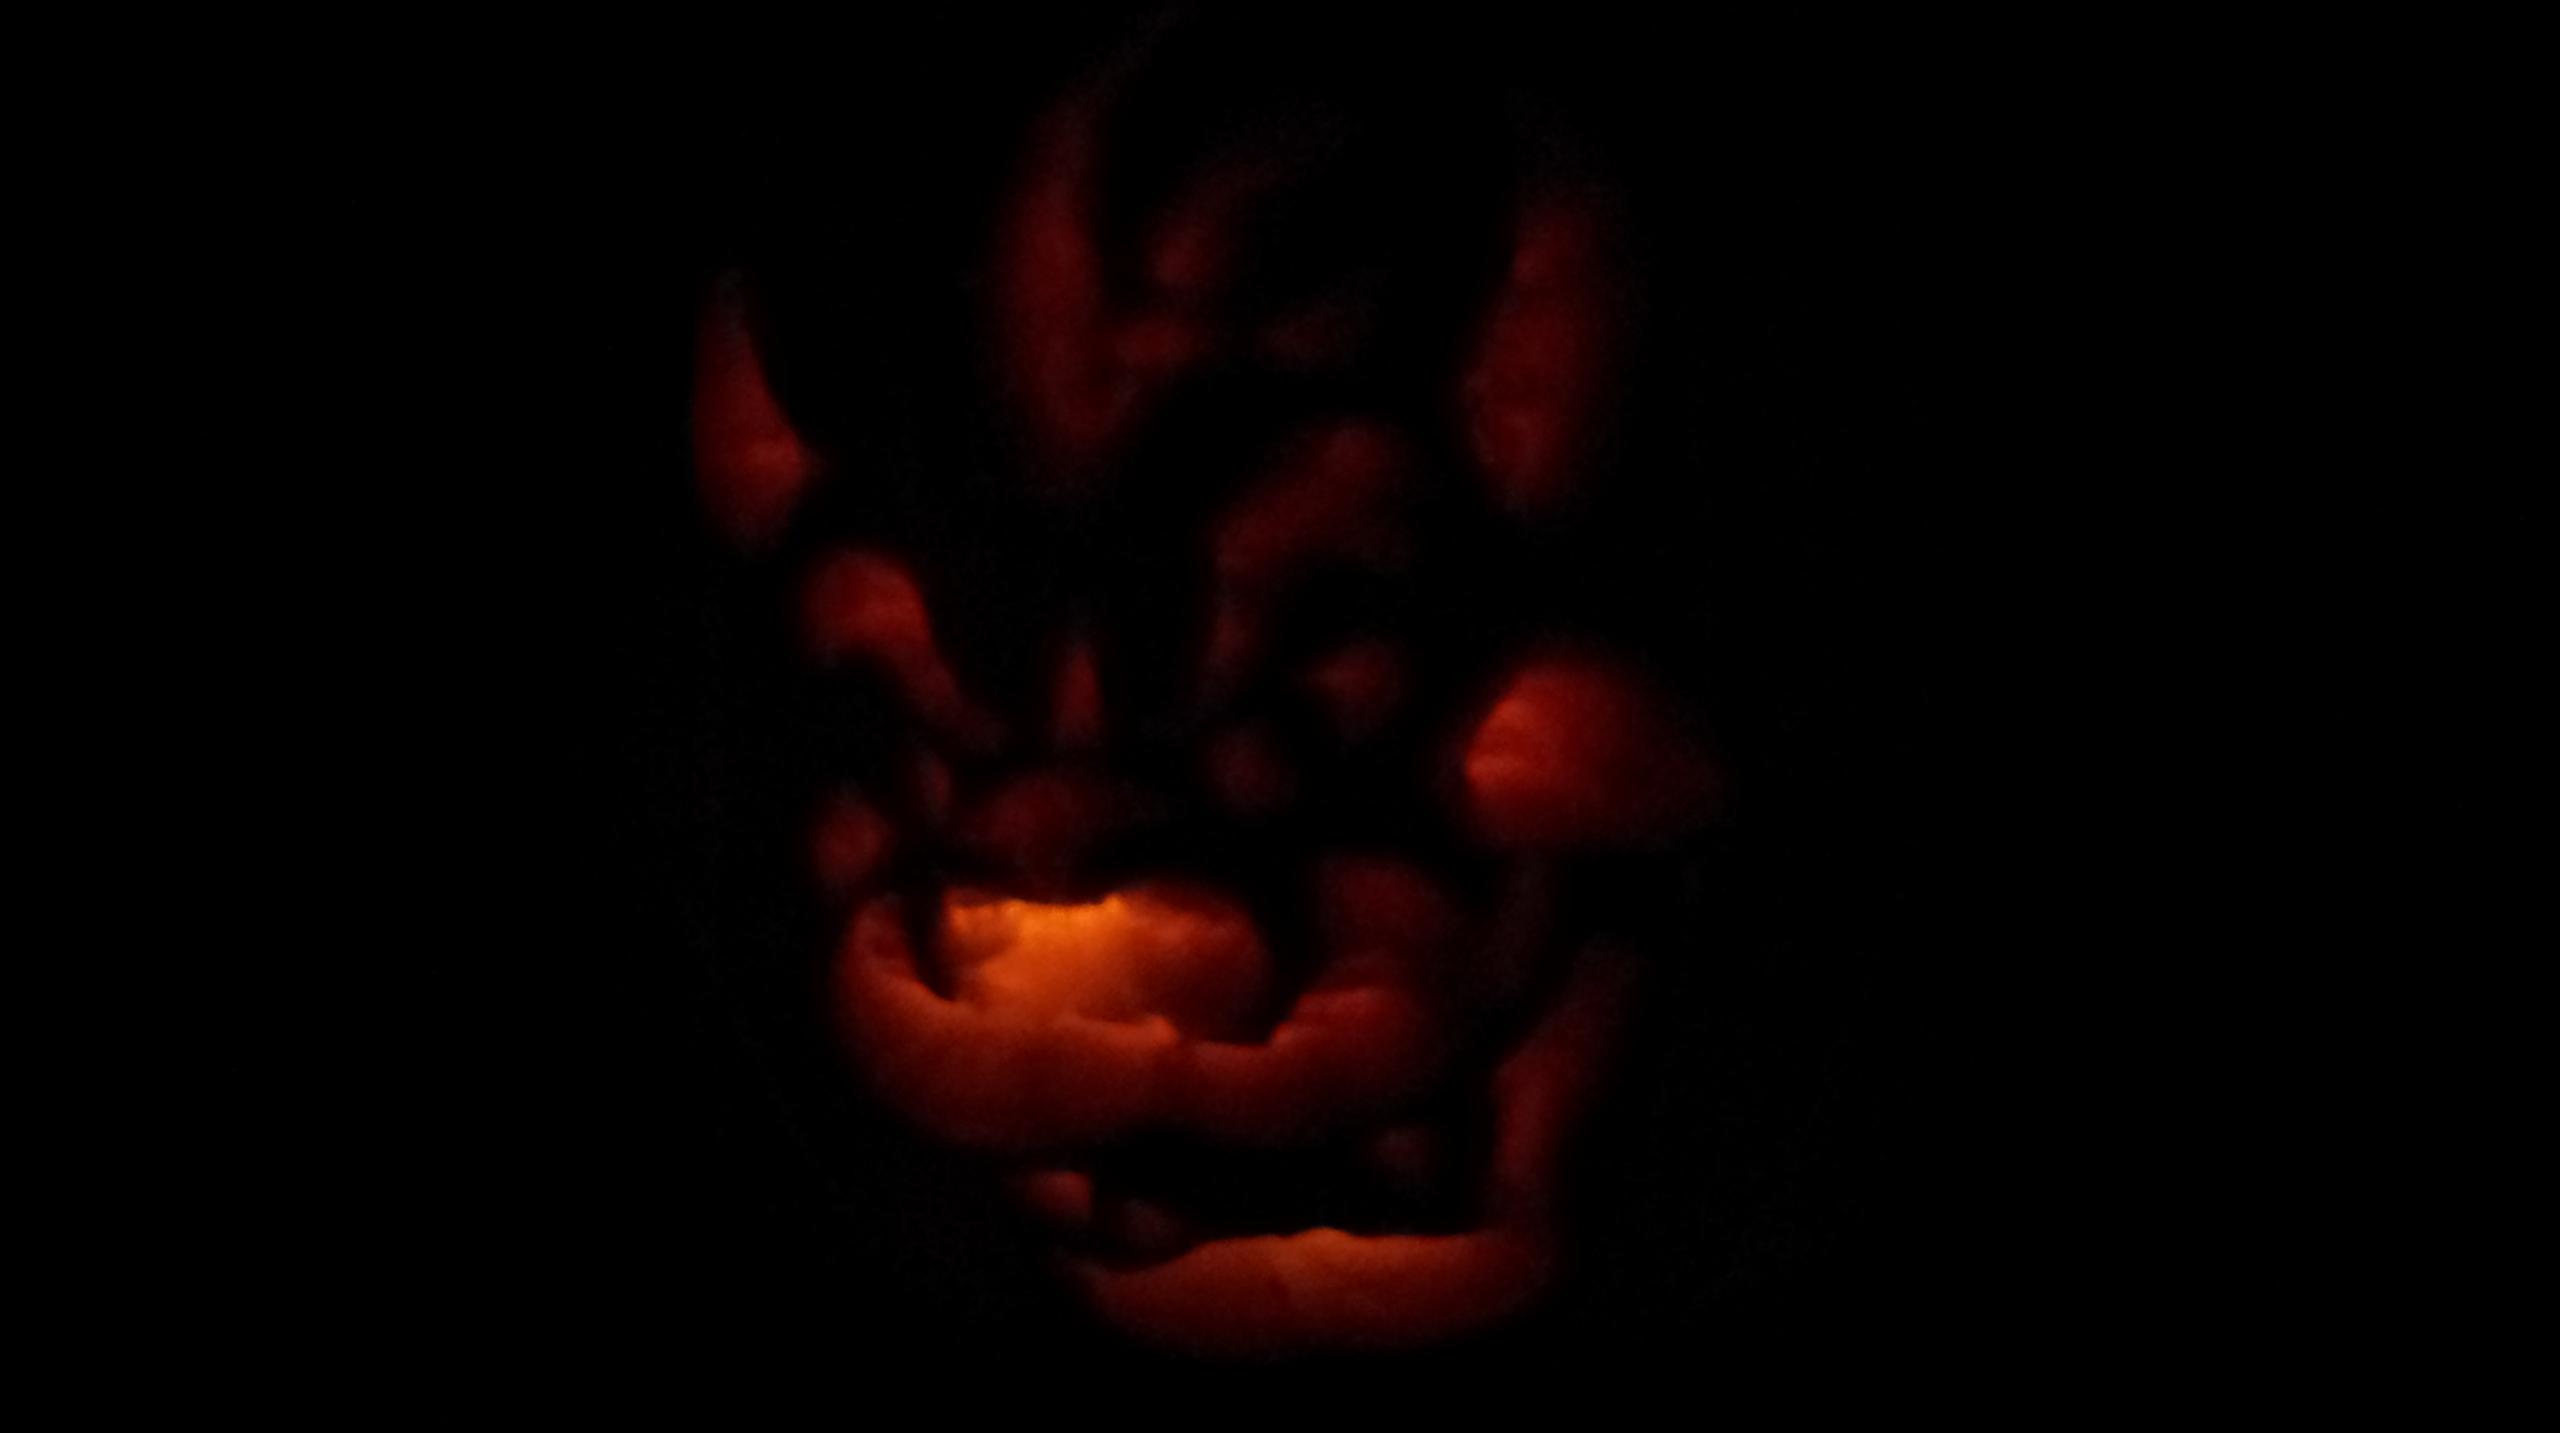 Ein aus der Dunkelheit leuchtendes Bowser-Gesicht (Halloween-Kürbis)